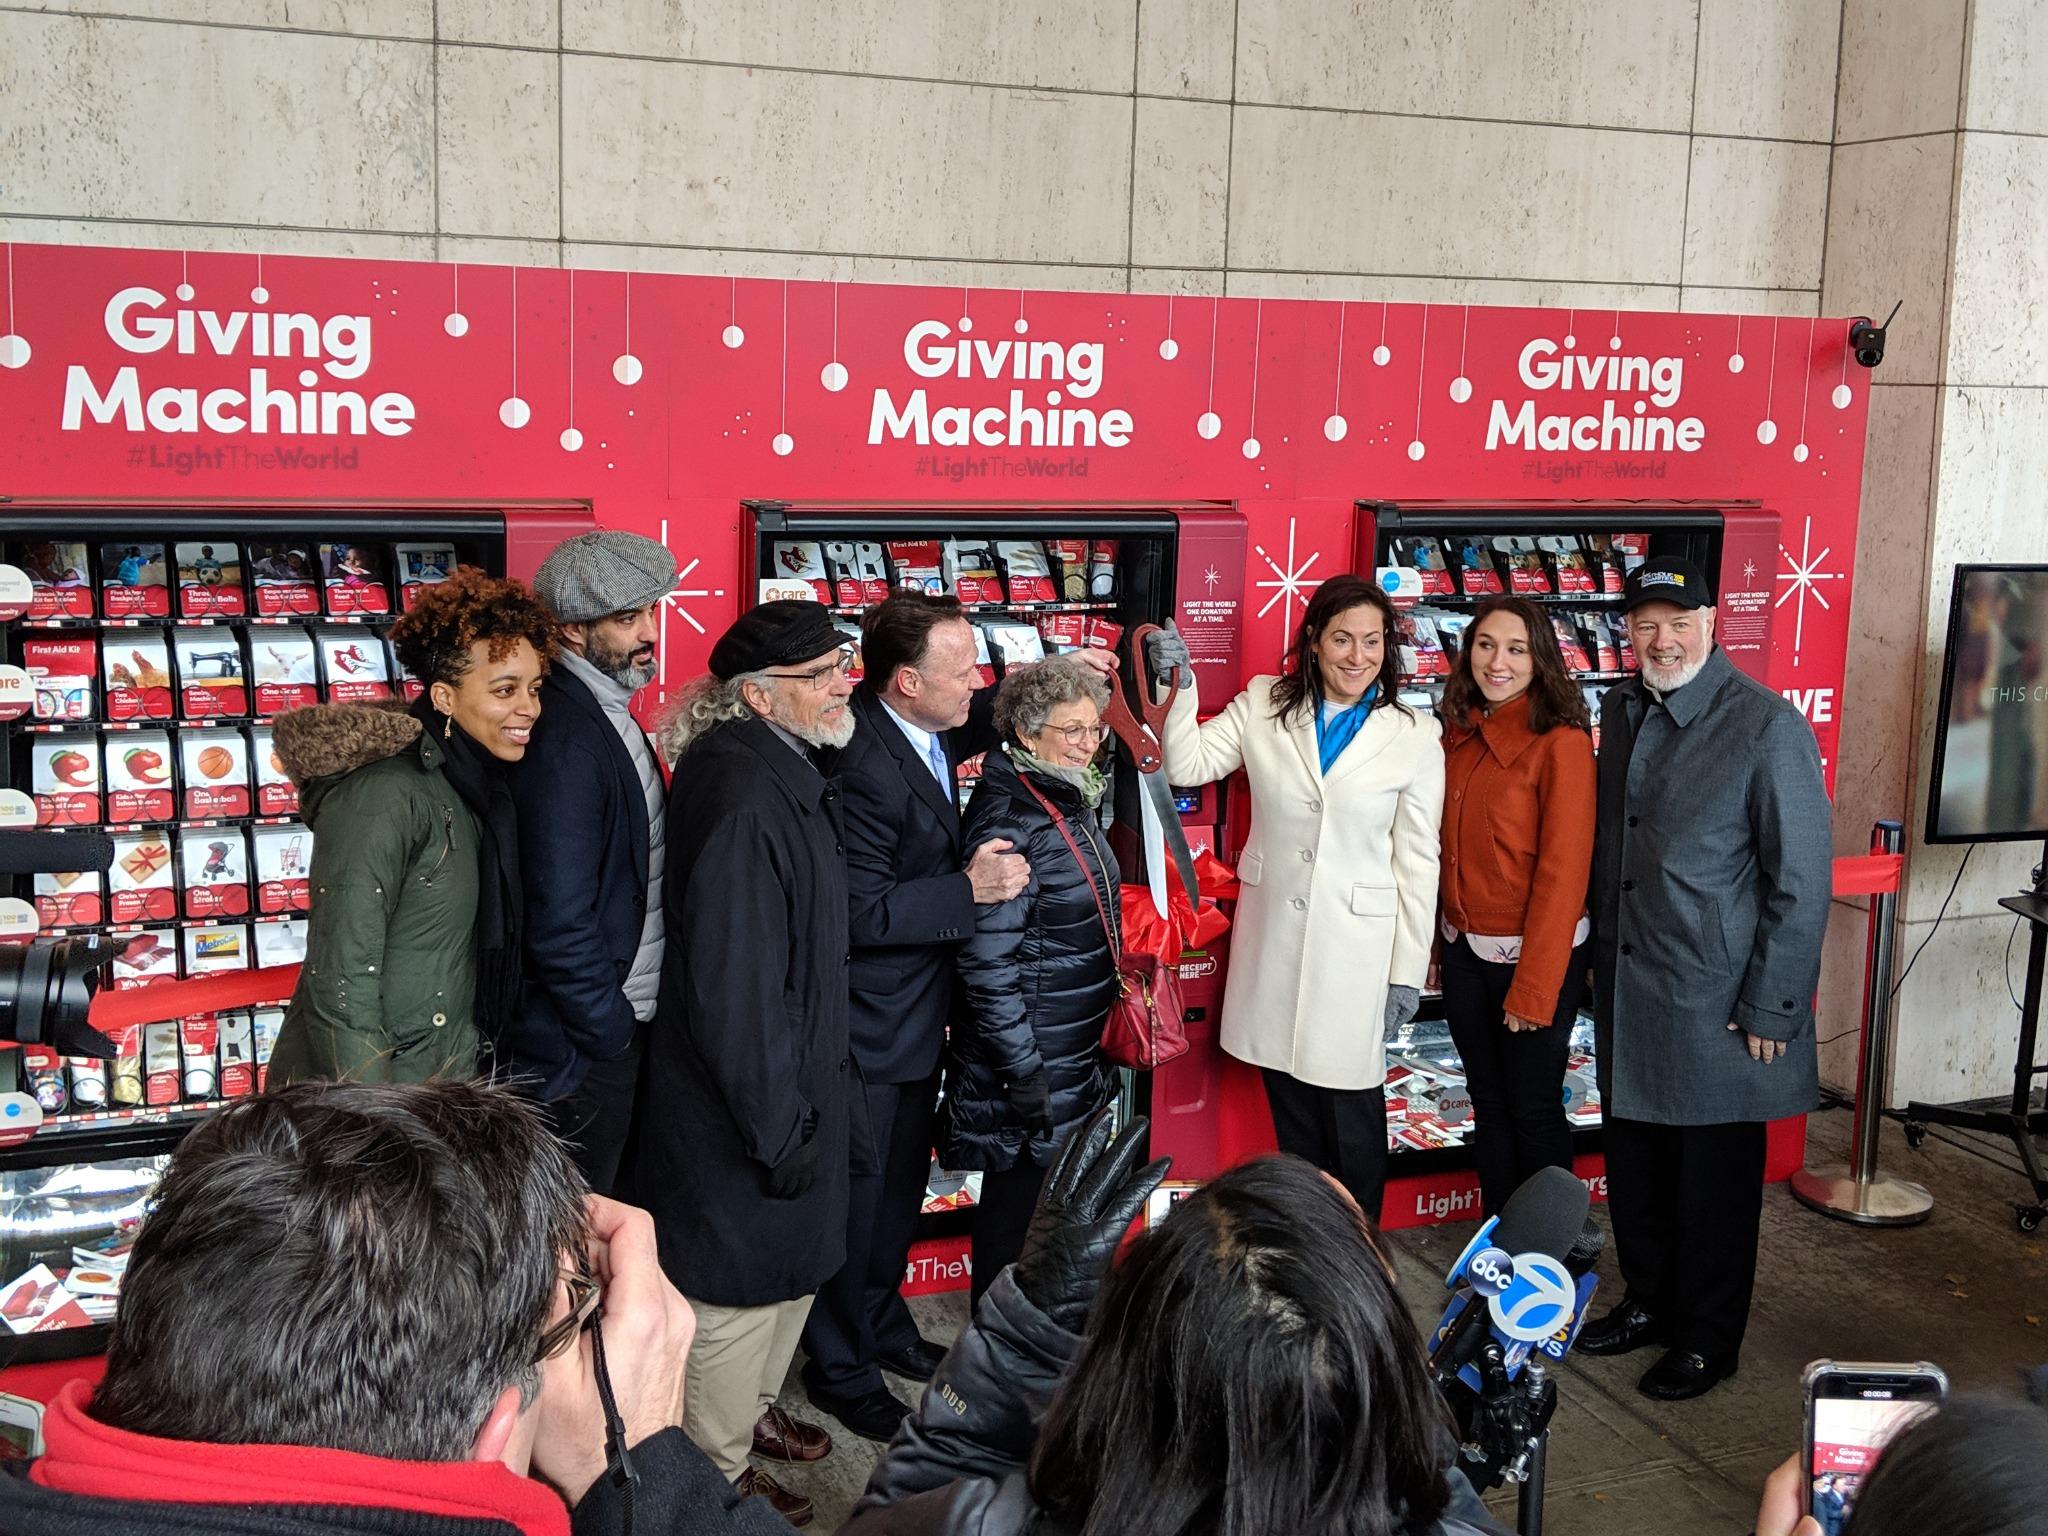 Uma máquina de doação na cidade de Nova York.